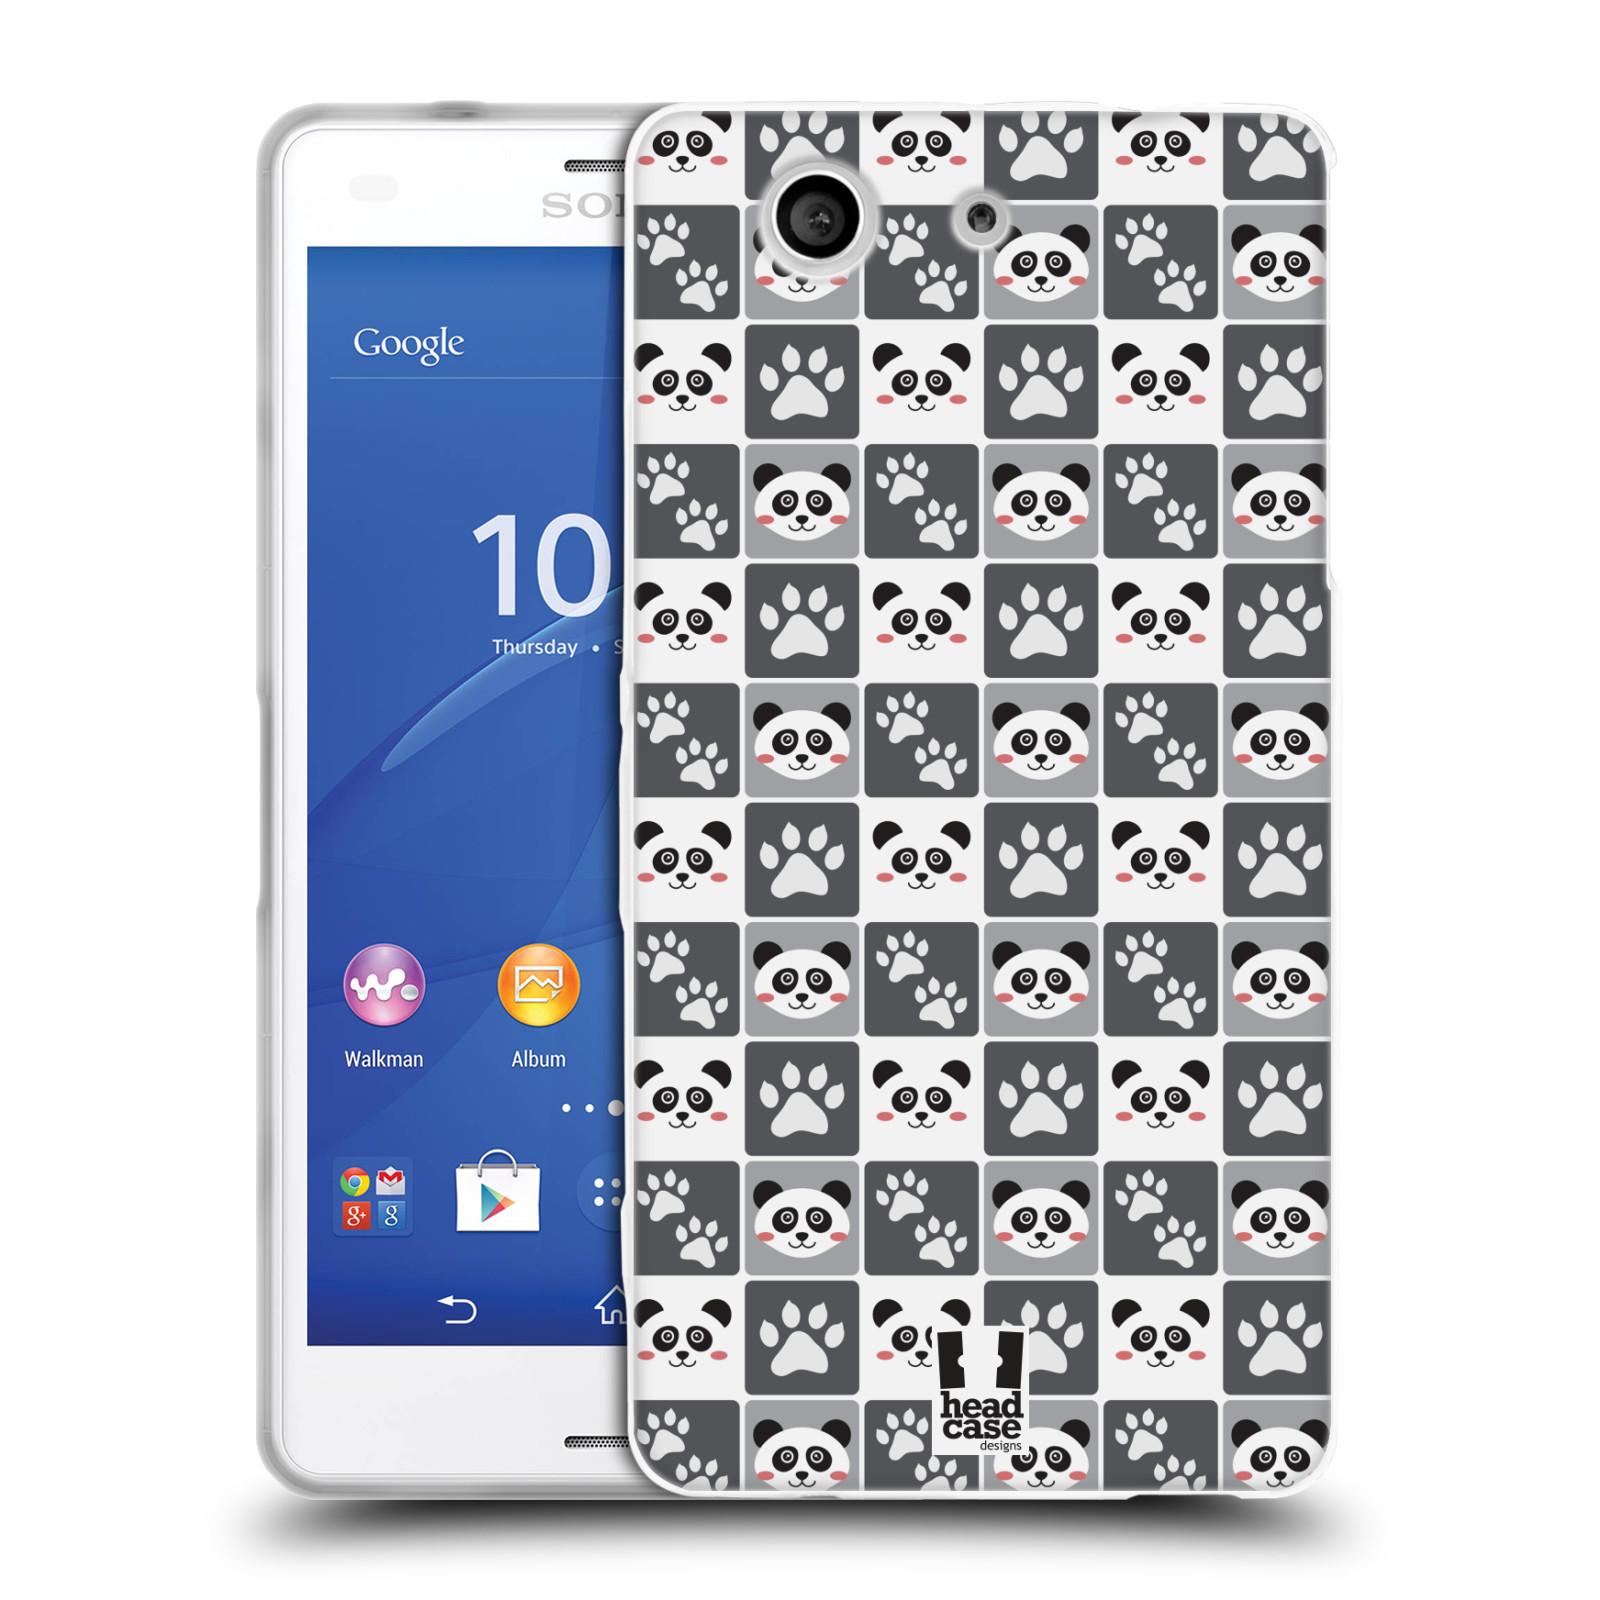 HEAD CASE silikonový obal na mobil Sony Xperia Z3 COMPACT (D5803) vzor Zvířecí razítka MEDVÍDEK PANDA